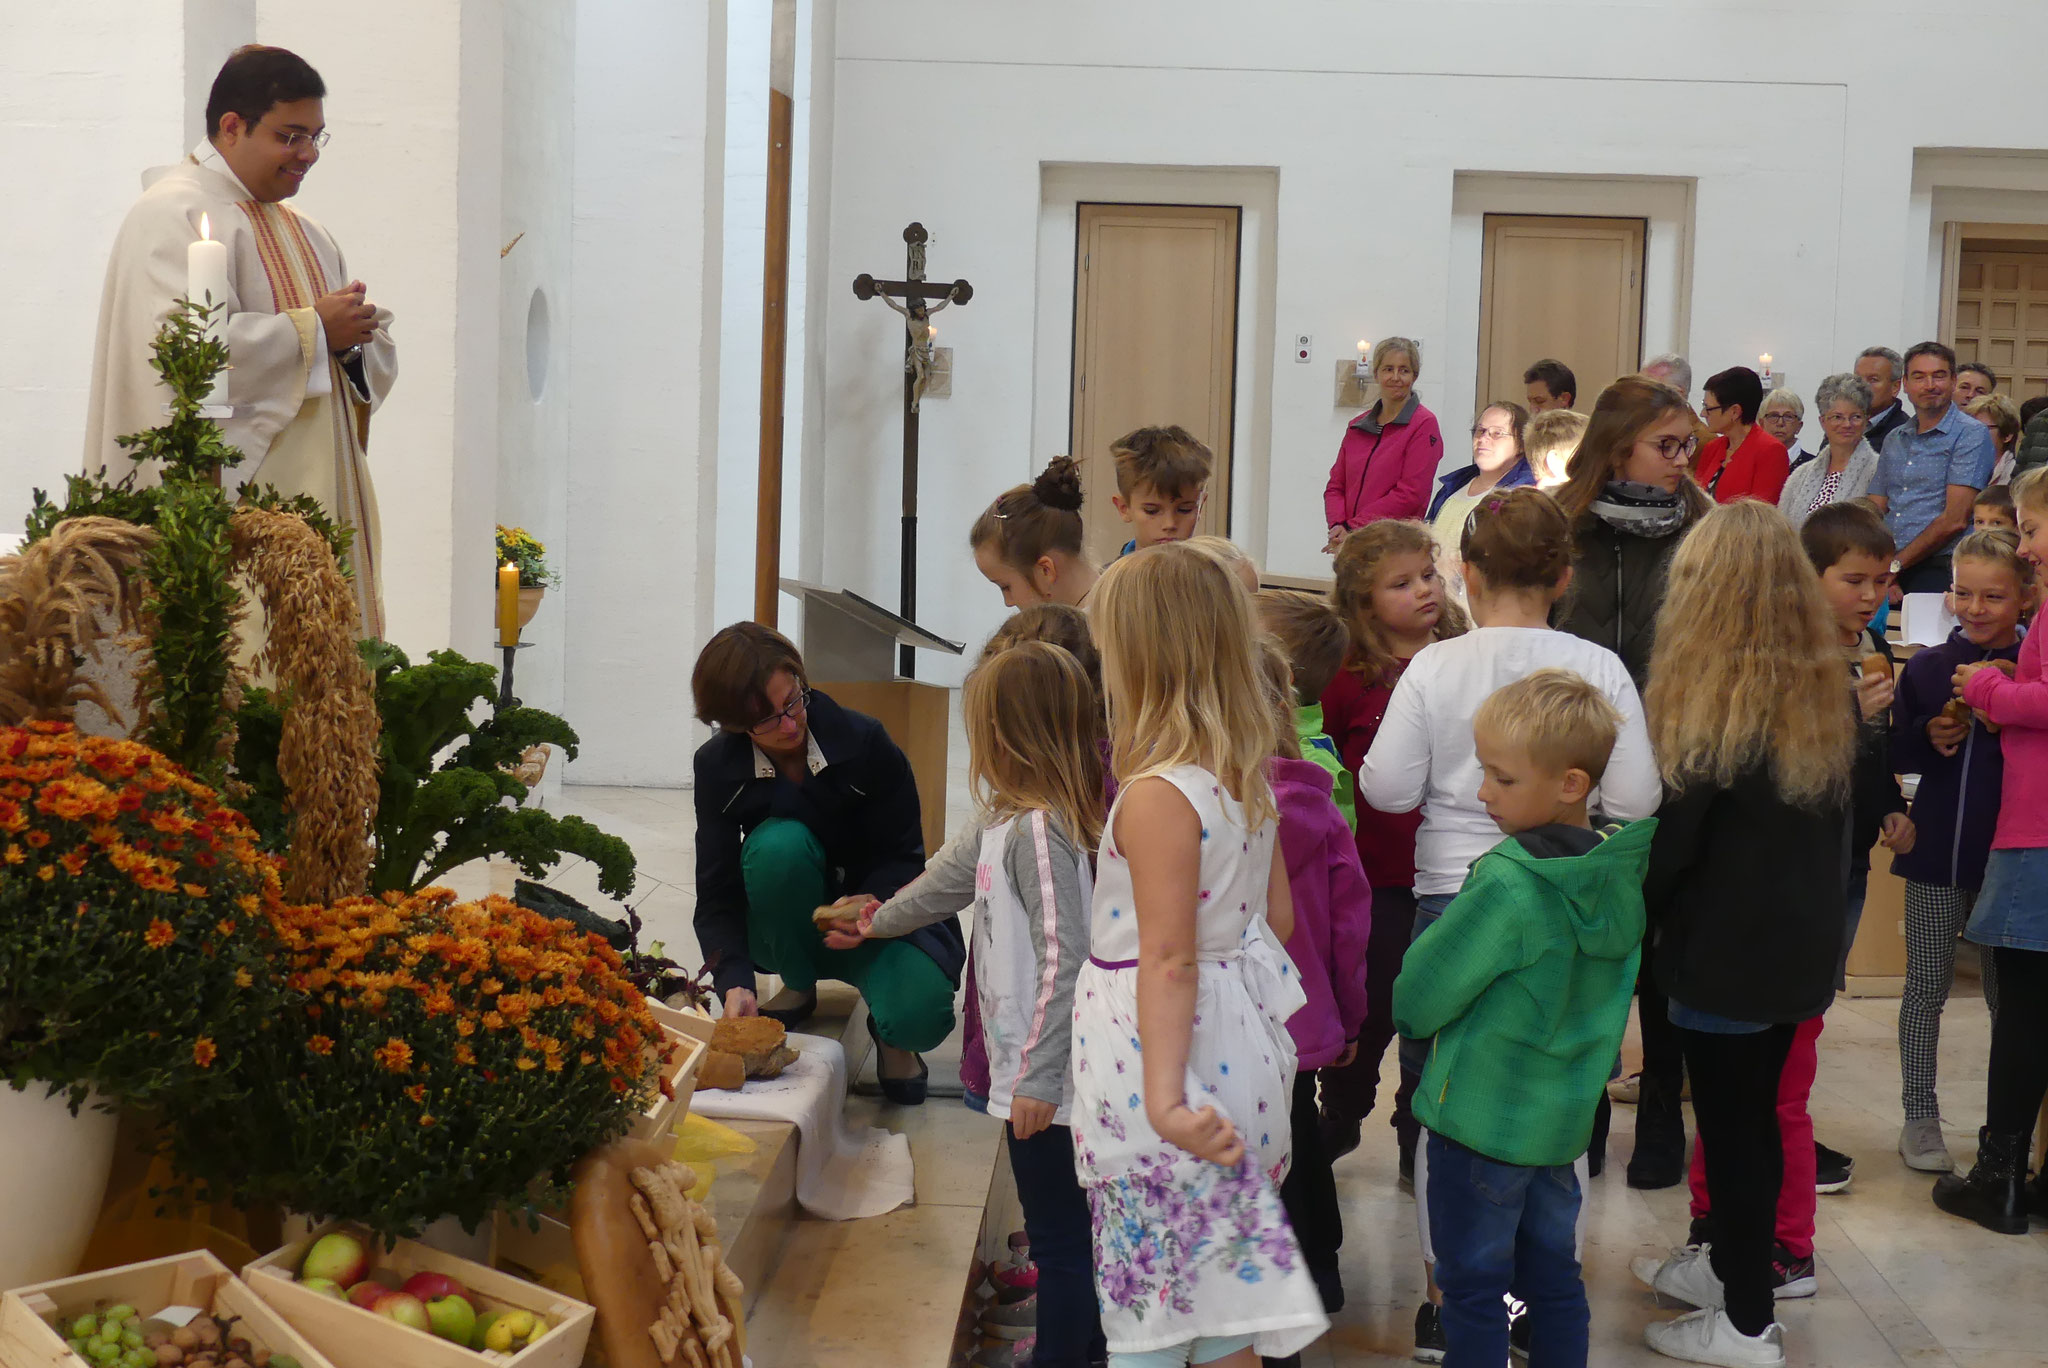 Ombeline Monfroy vom Vorbereitungsteam teilt am Ende der feierlichen Eucharistie das Brot mit den zahlreichen Kindern